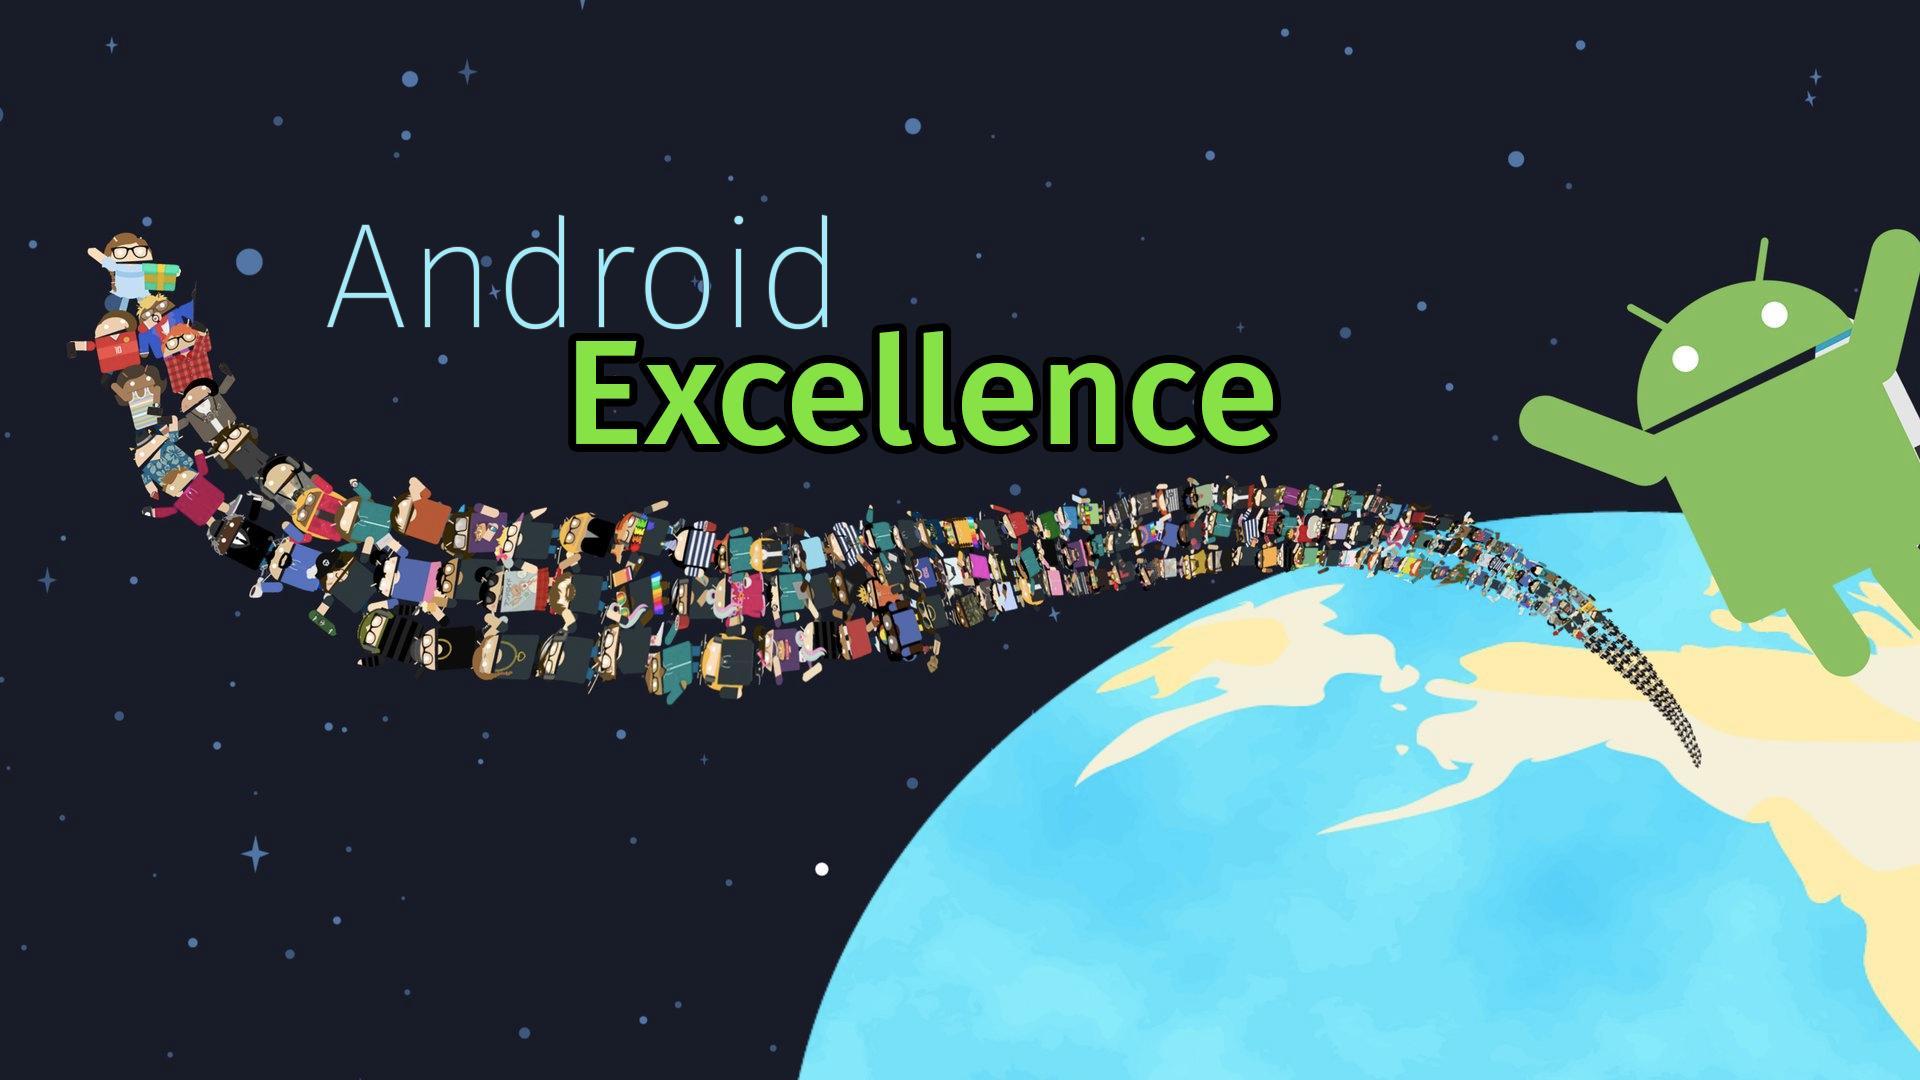 Google'ın Önerdiği ve Akıllı Telefonlarınızın Zekasını 16 Kat Artırabilecek 16 Enfes Uygulama 23